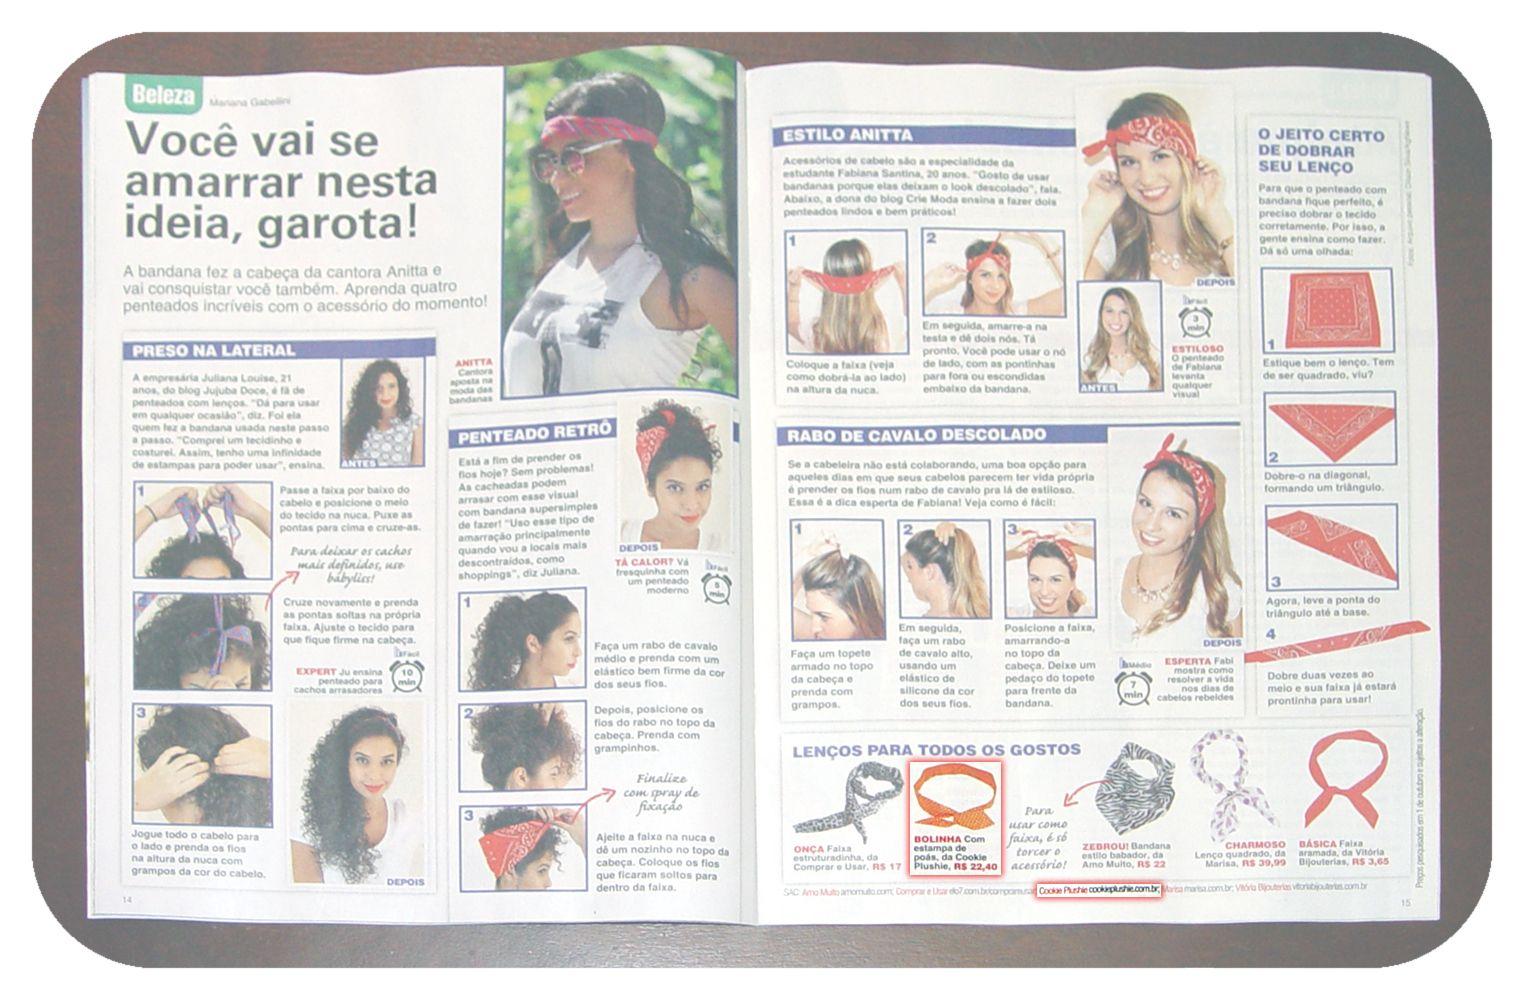 Revista Viva! Mais - edição 732. Com Dolly Bow da Cookie Plushie na matéria sobre bandanas.